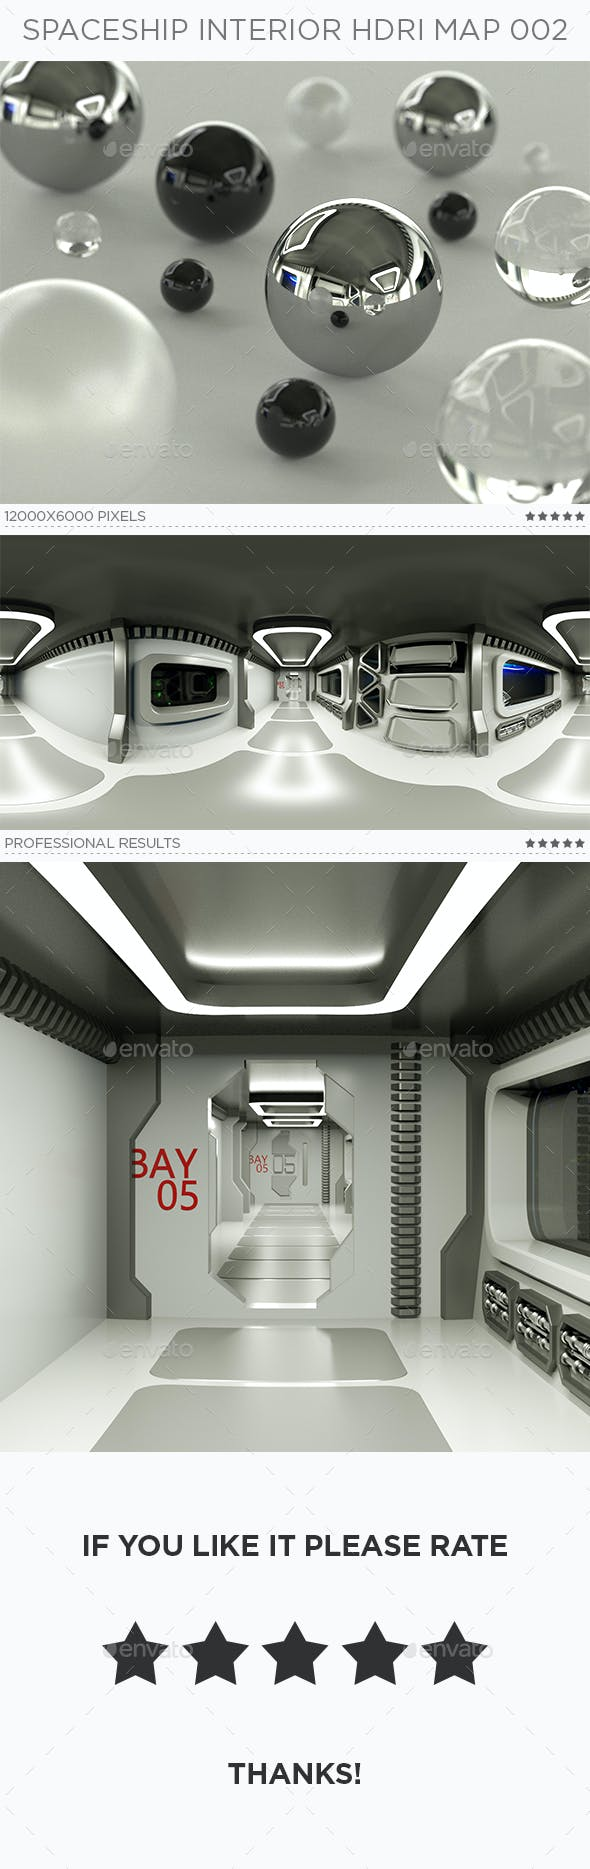 Spaceship Interior HDRi Map 002 - 3DOcean Item for Sale